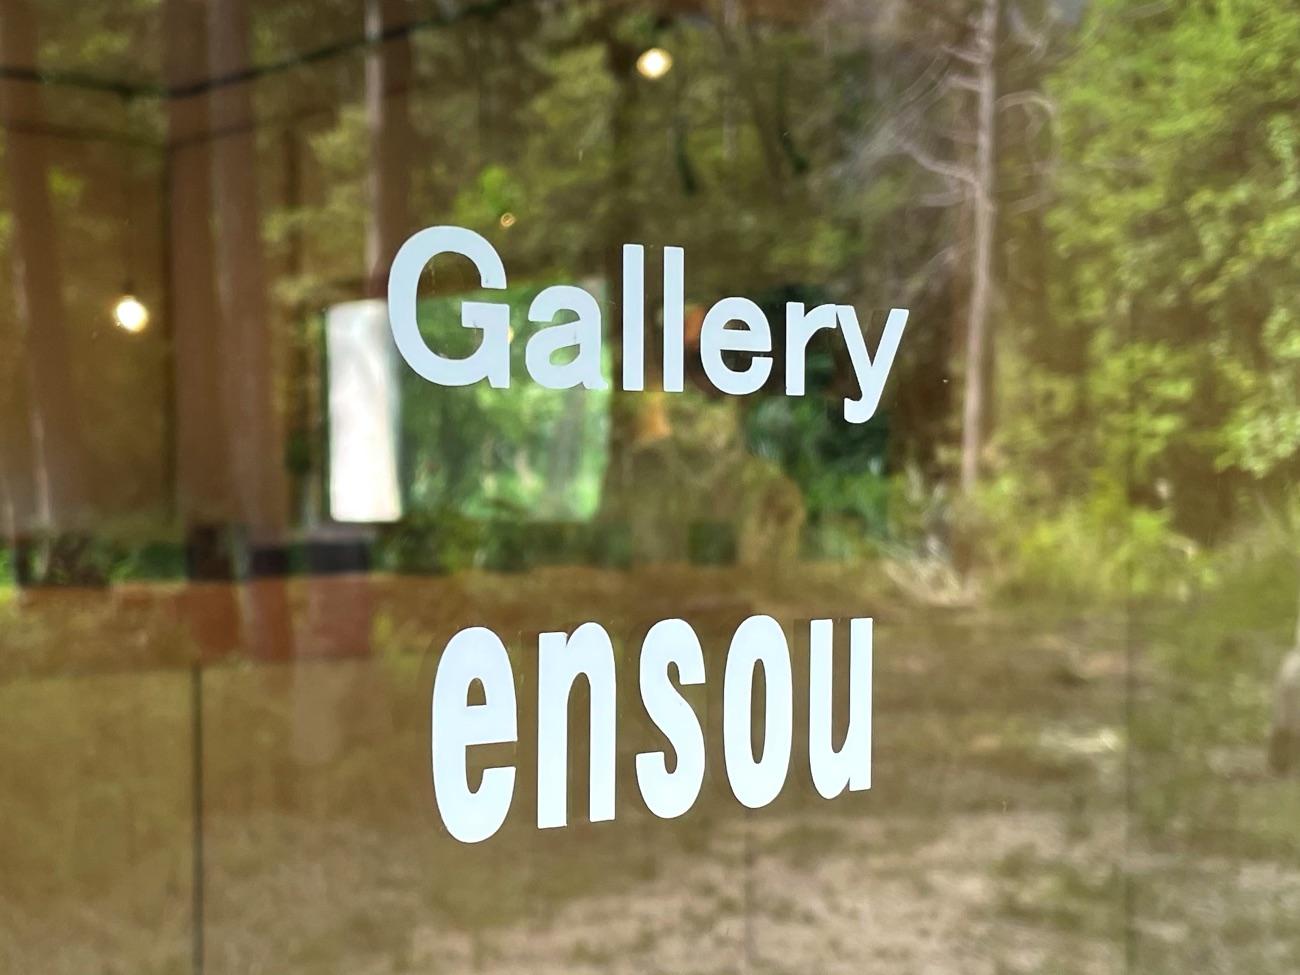 敷地内にある「Gallery ENSOU」